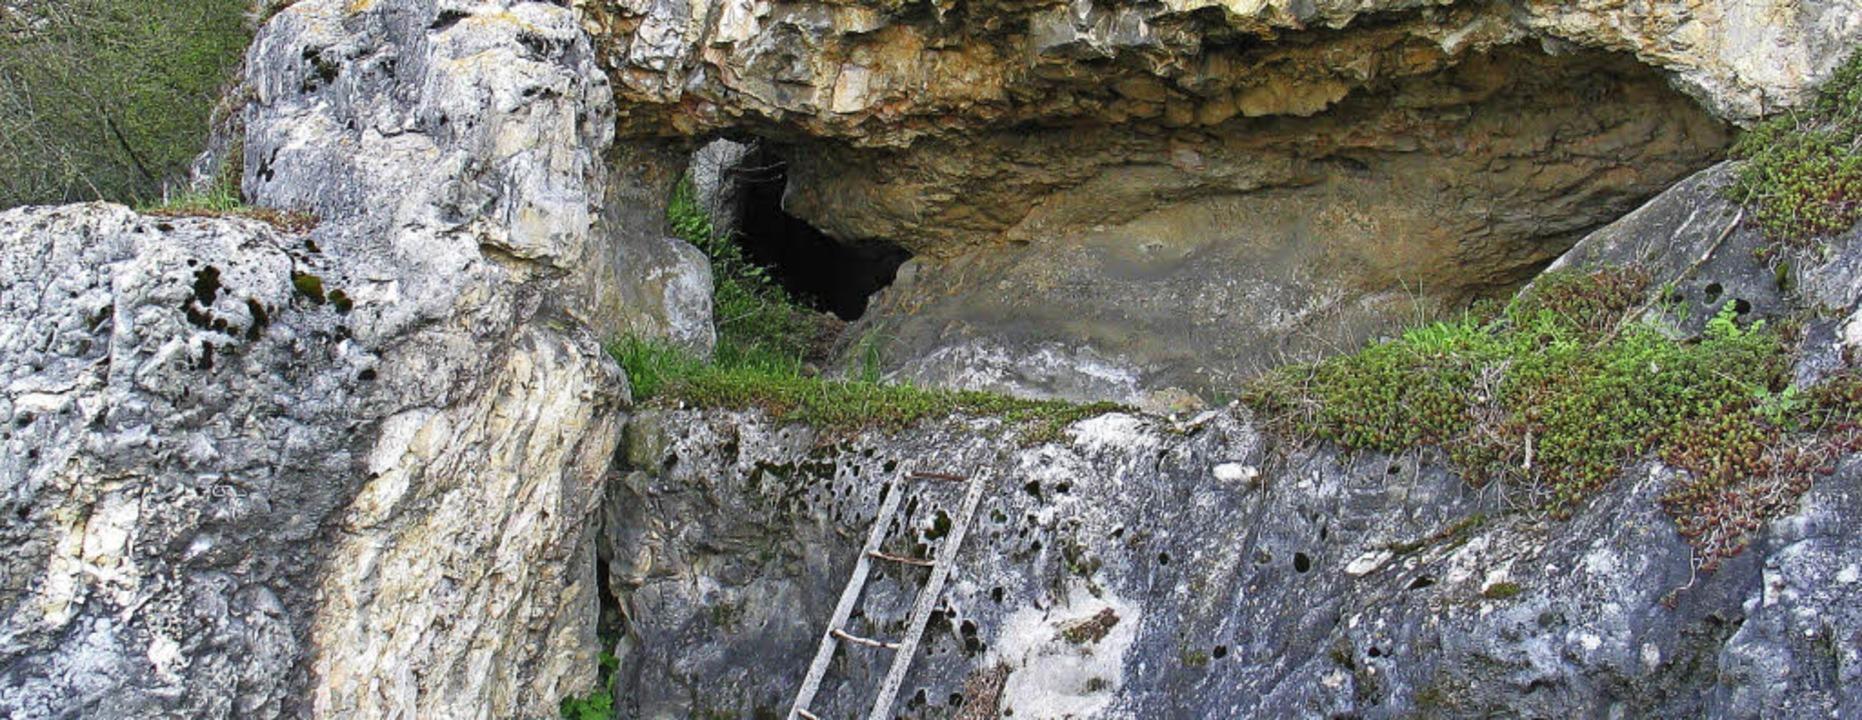 Sobald das  steinzeitliche Jaspisbergw...n eine Sonderausstellung  dazu planen.    Foto: Jutta Schütz